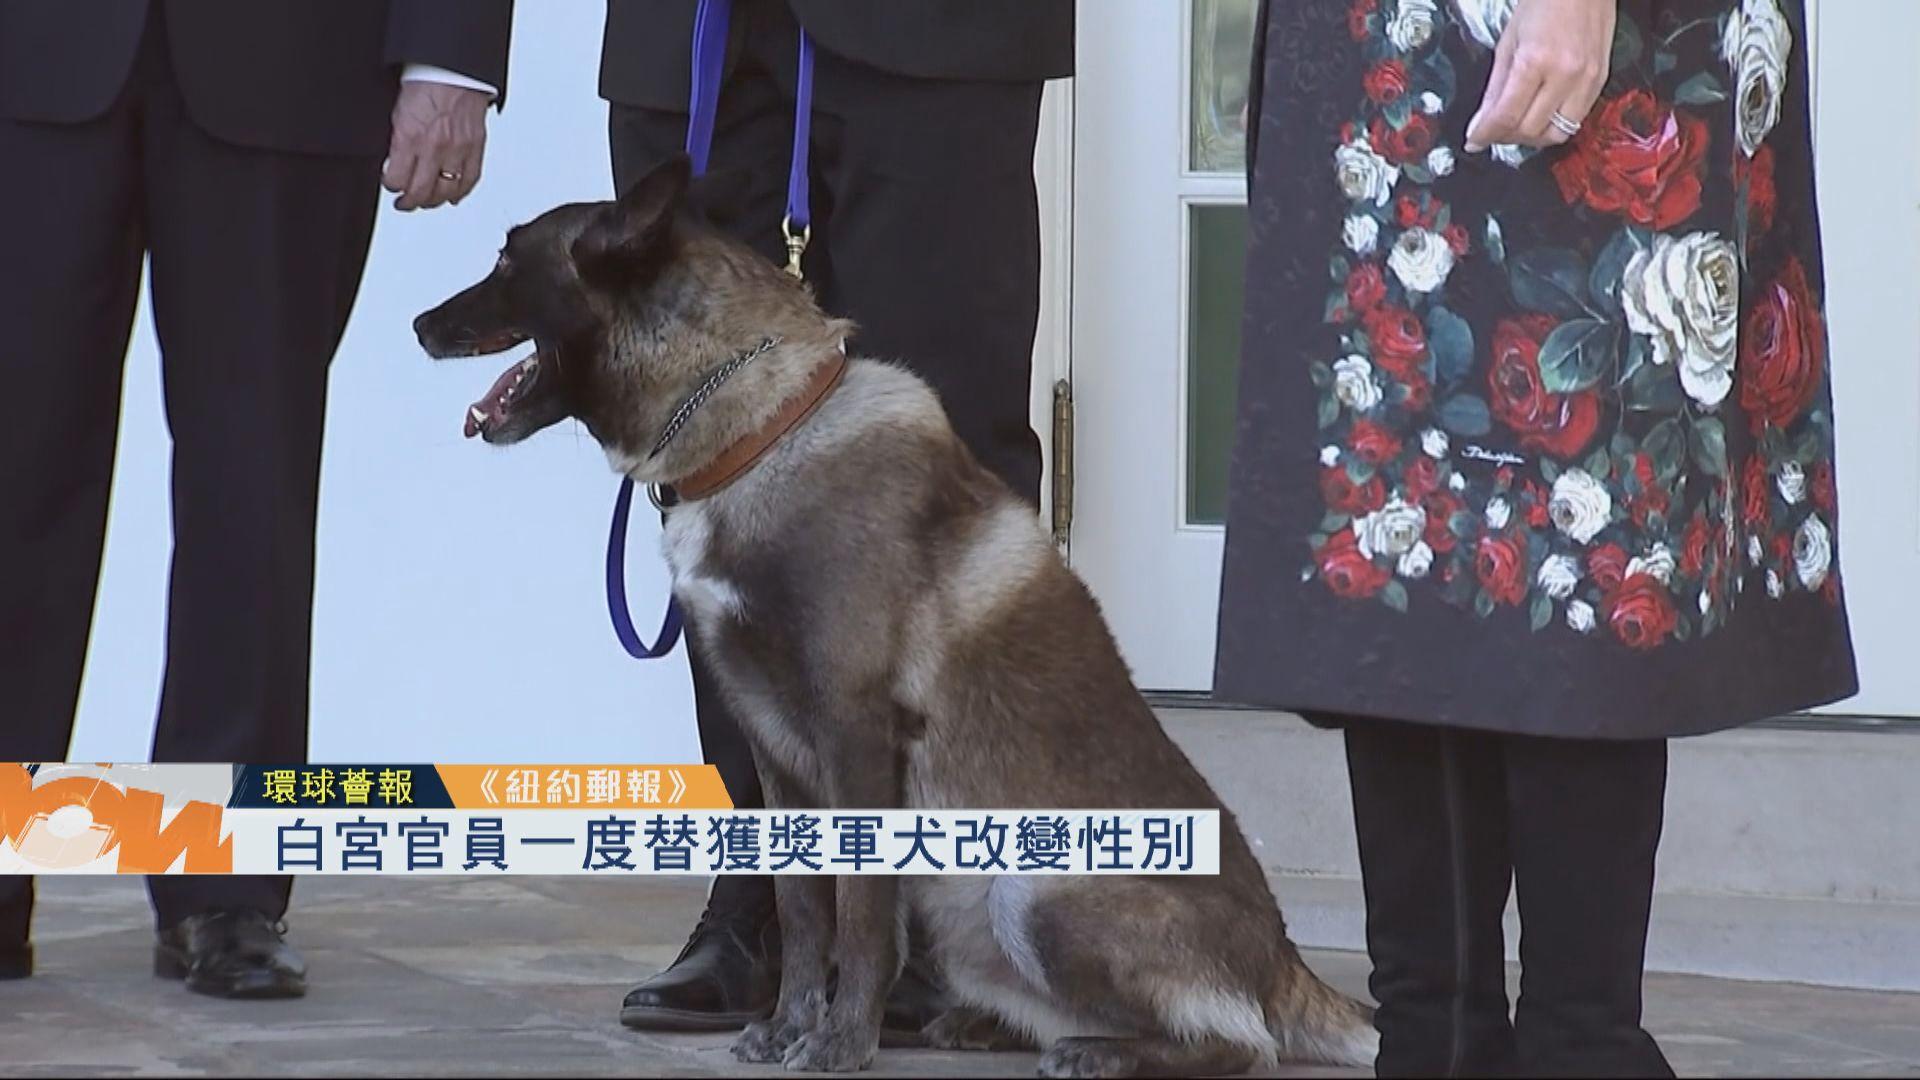 【環球薈報】白宮官員一度替獲獎軍犬改變性別